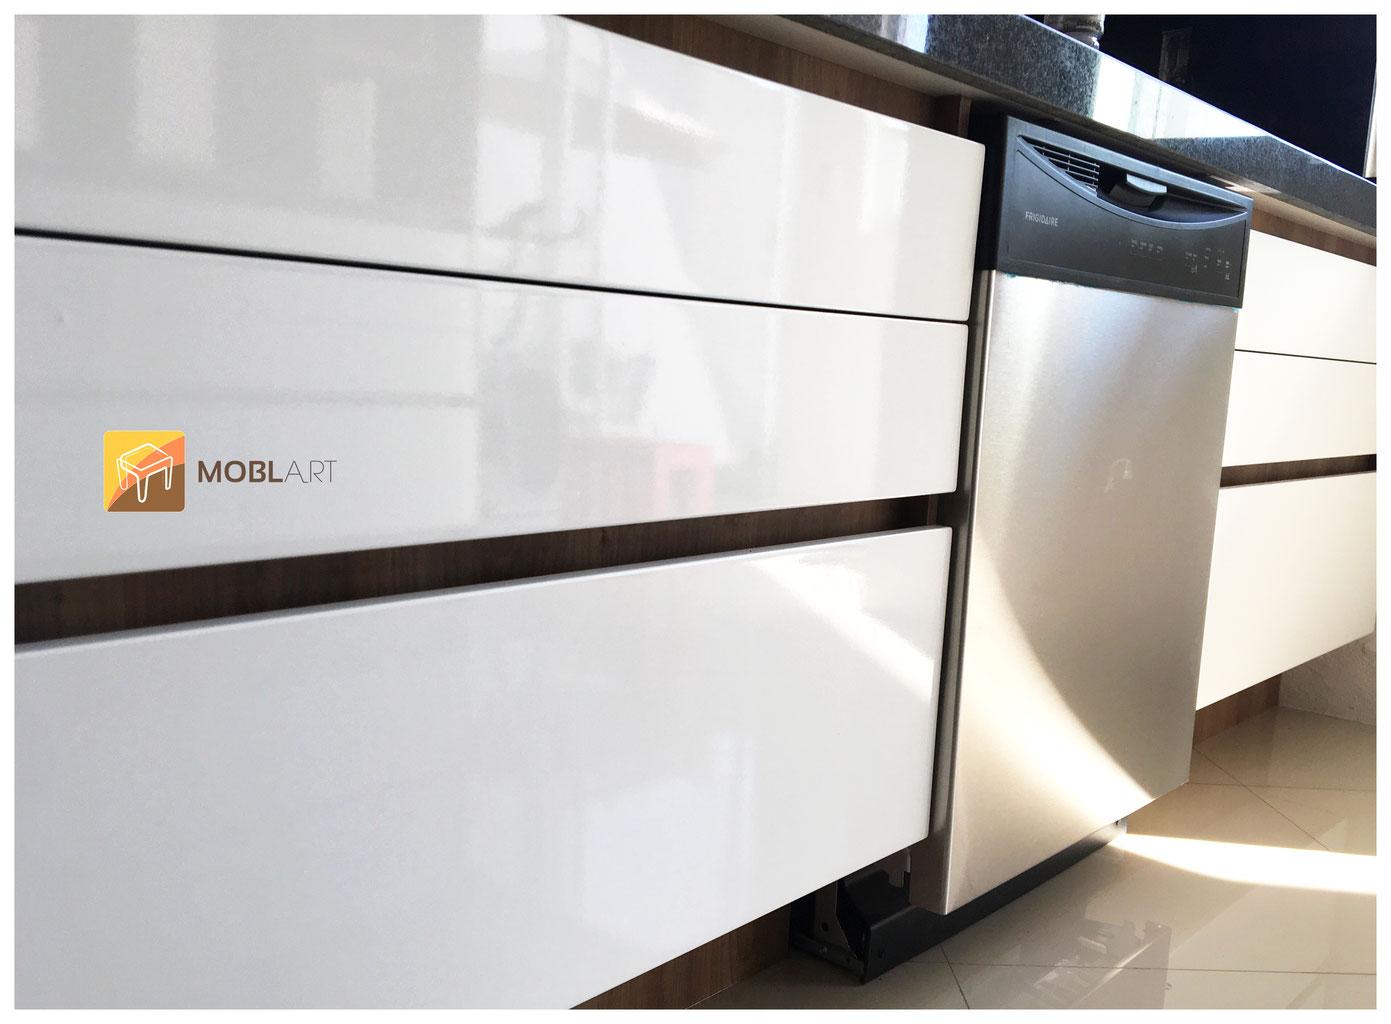 Moblart cocinas cocinas integrales en quer taro closets for Cocinas integrales de cemento modernas